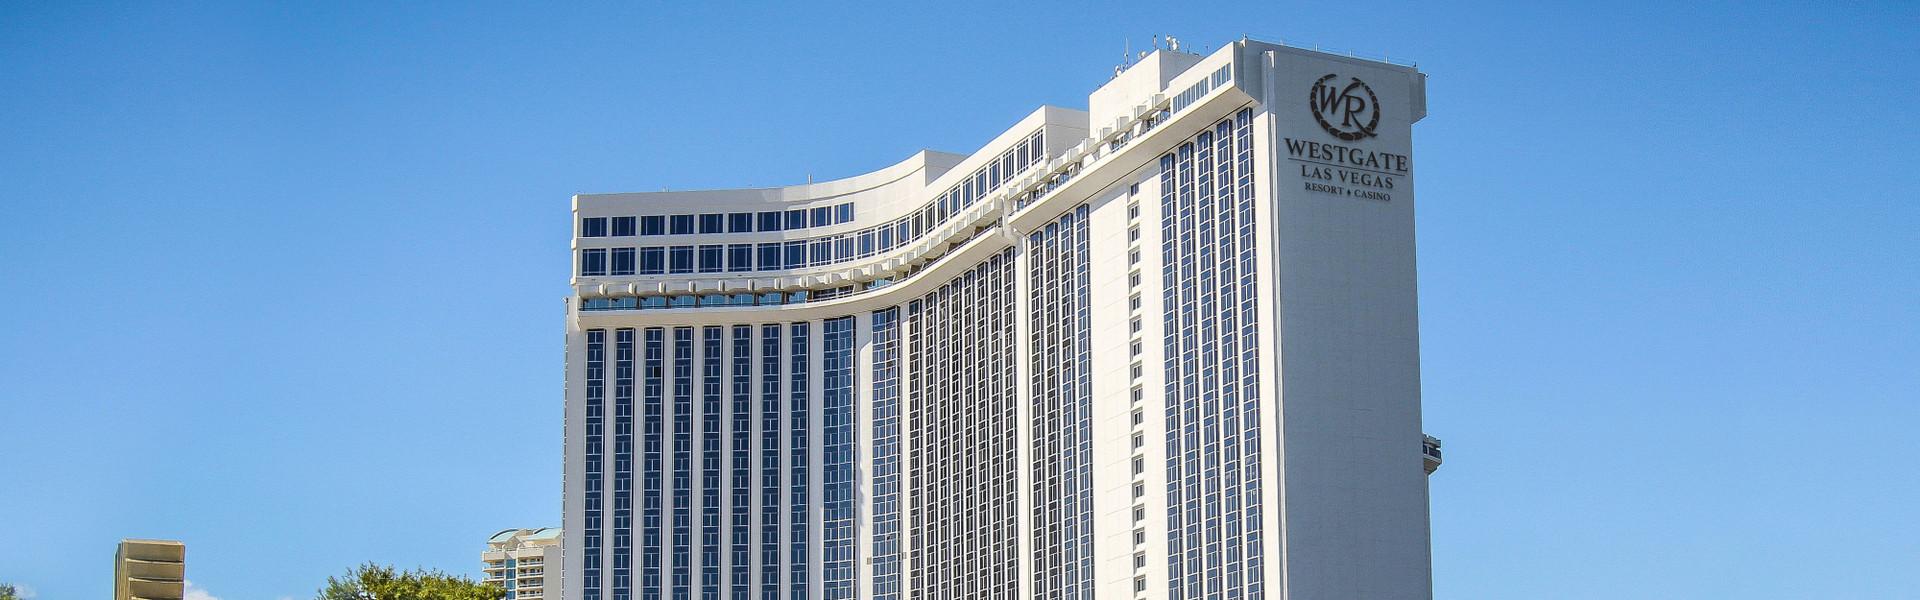 Group Hotel Room Blocks In Las Vegas   Westgate Las Vegas Resort & Casino